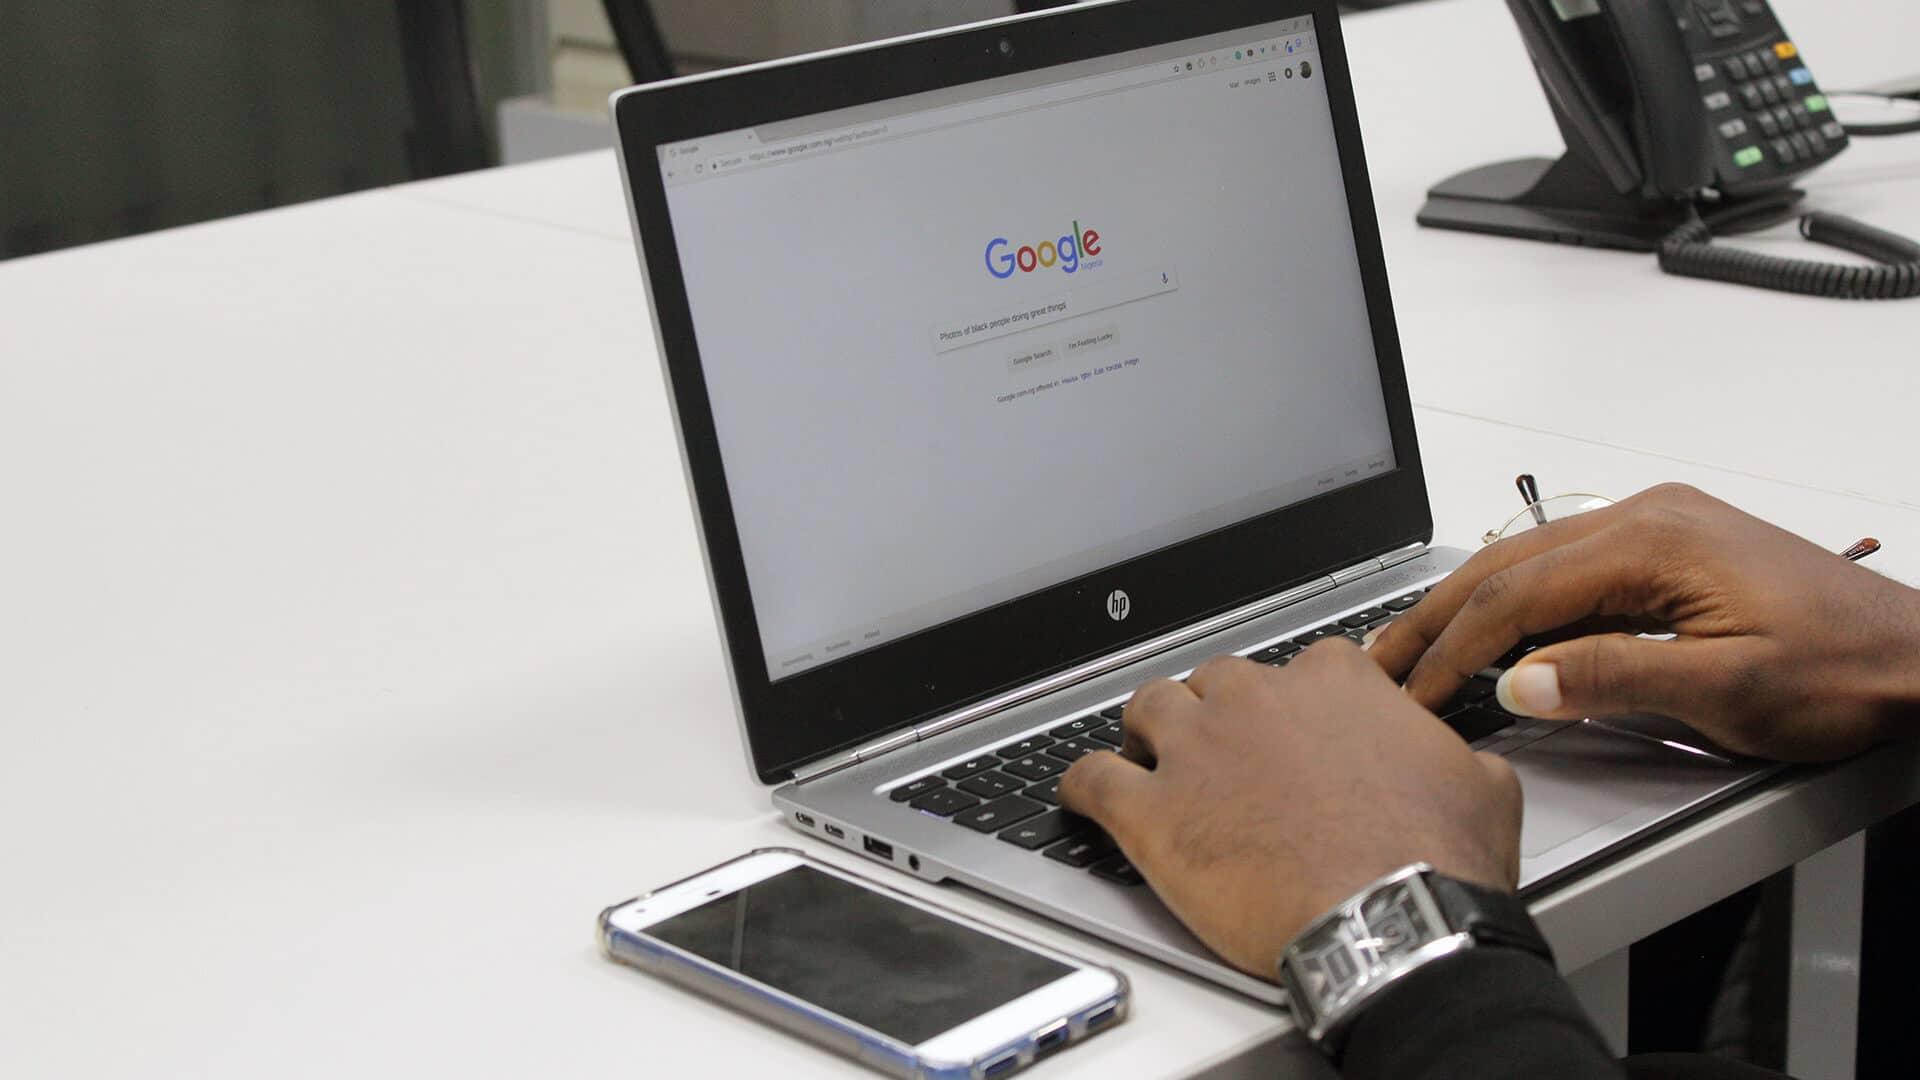 Venda online: Google vai permitir anúncios gratuitos em ferramenta de buscas